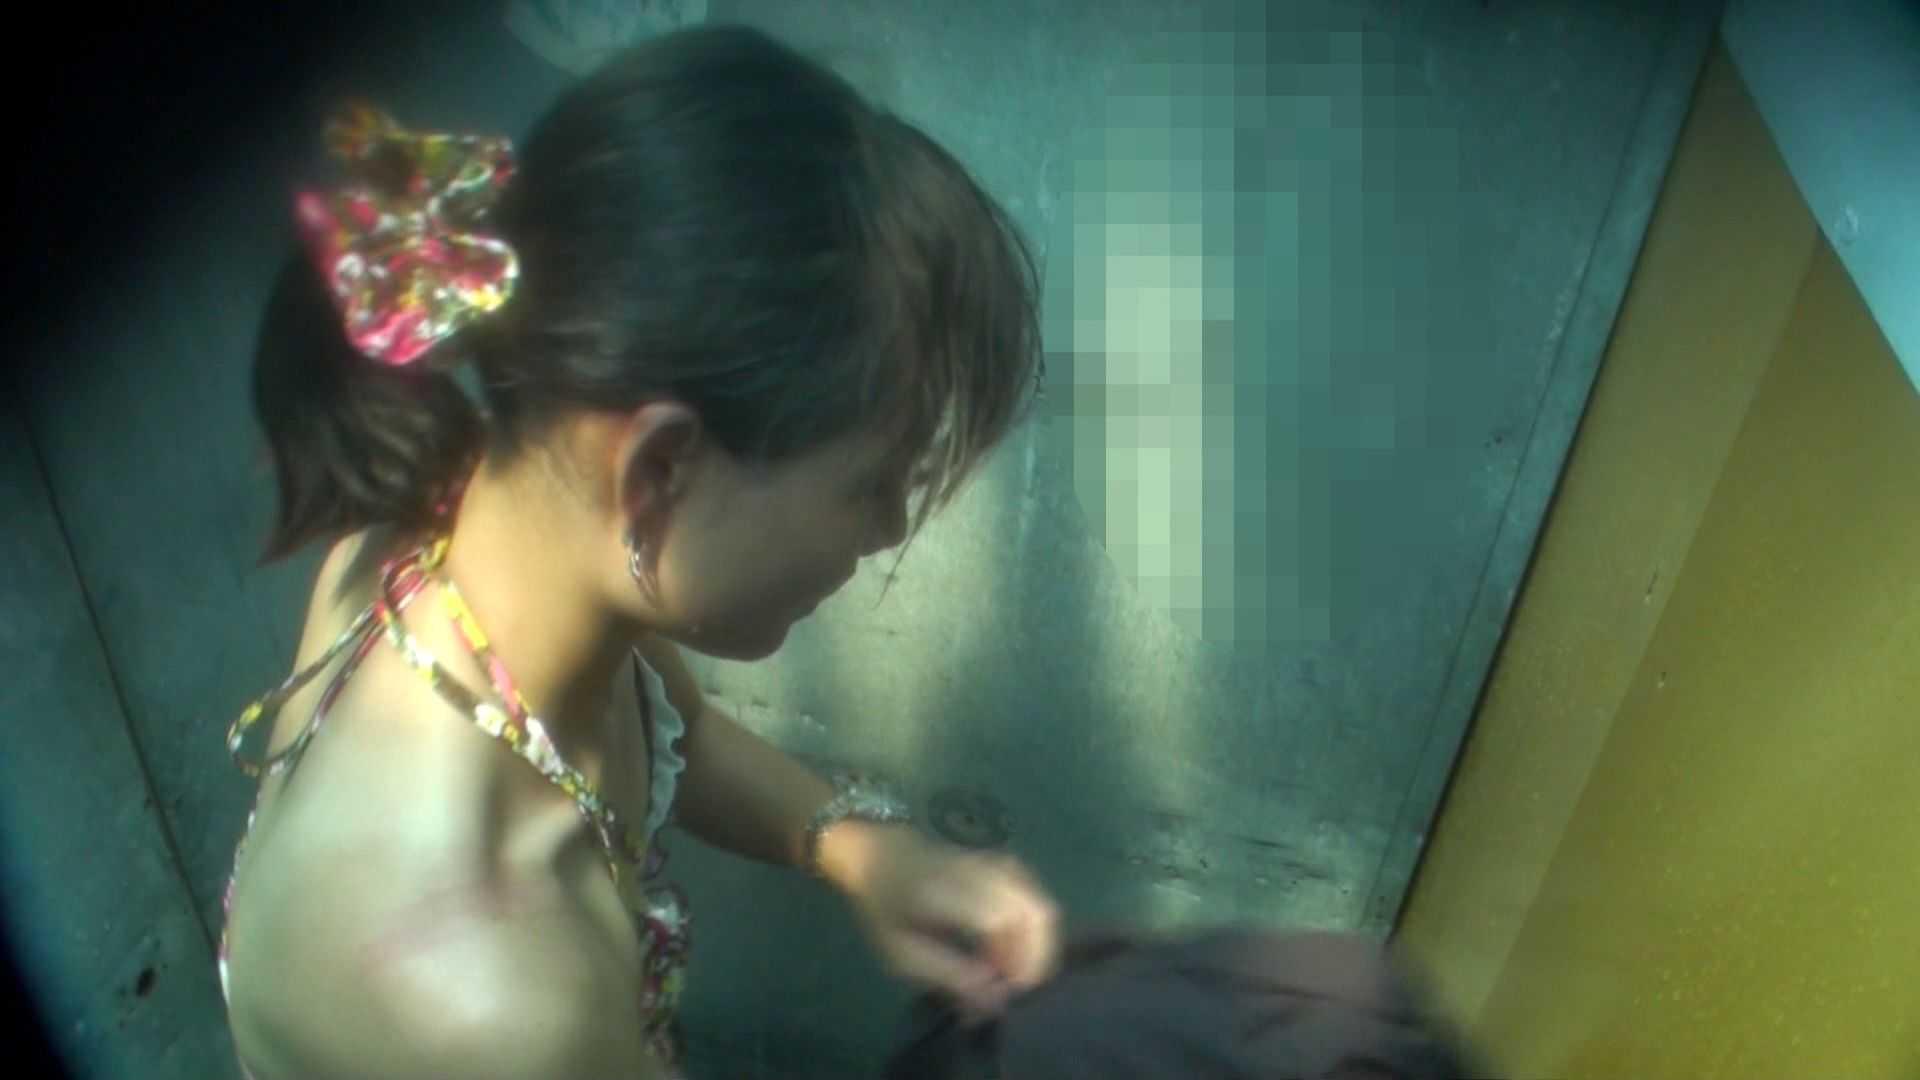 シャワールームは超!!危険な香りVol.16 意外に乳首は年増のそれ 高画質 覗きスケベ動画紹介 108画像 86